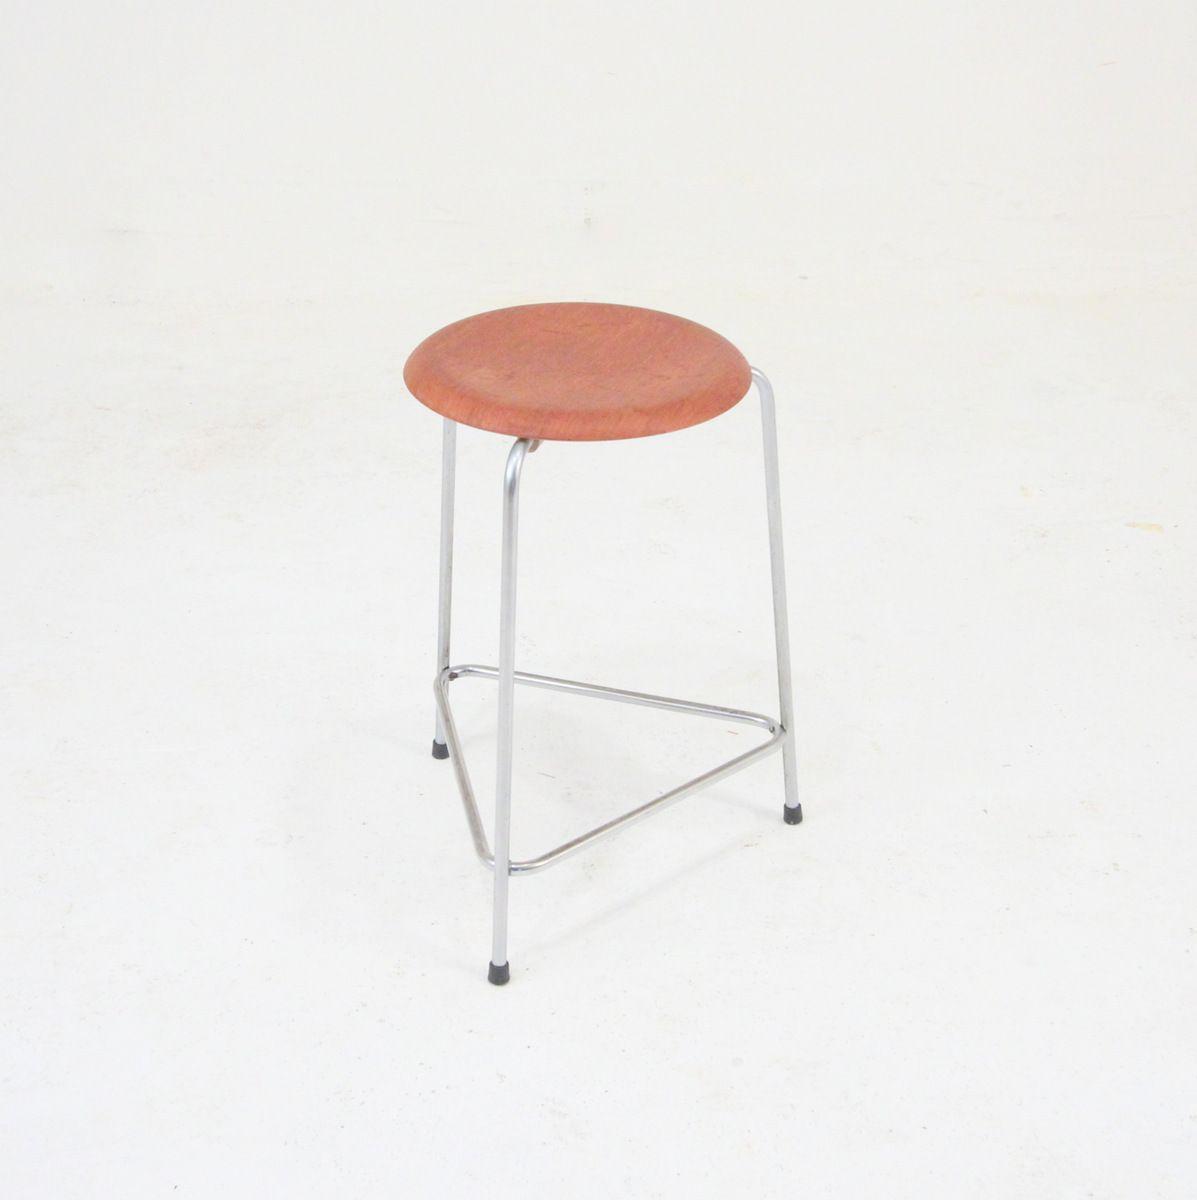 hocker aus teak und chrom von arne jacobsen f r fritz hansen 1950 bei pamono kaufen. Black Bedroom Furniture Sets. Home Design Ideas